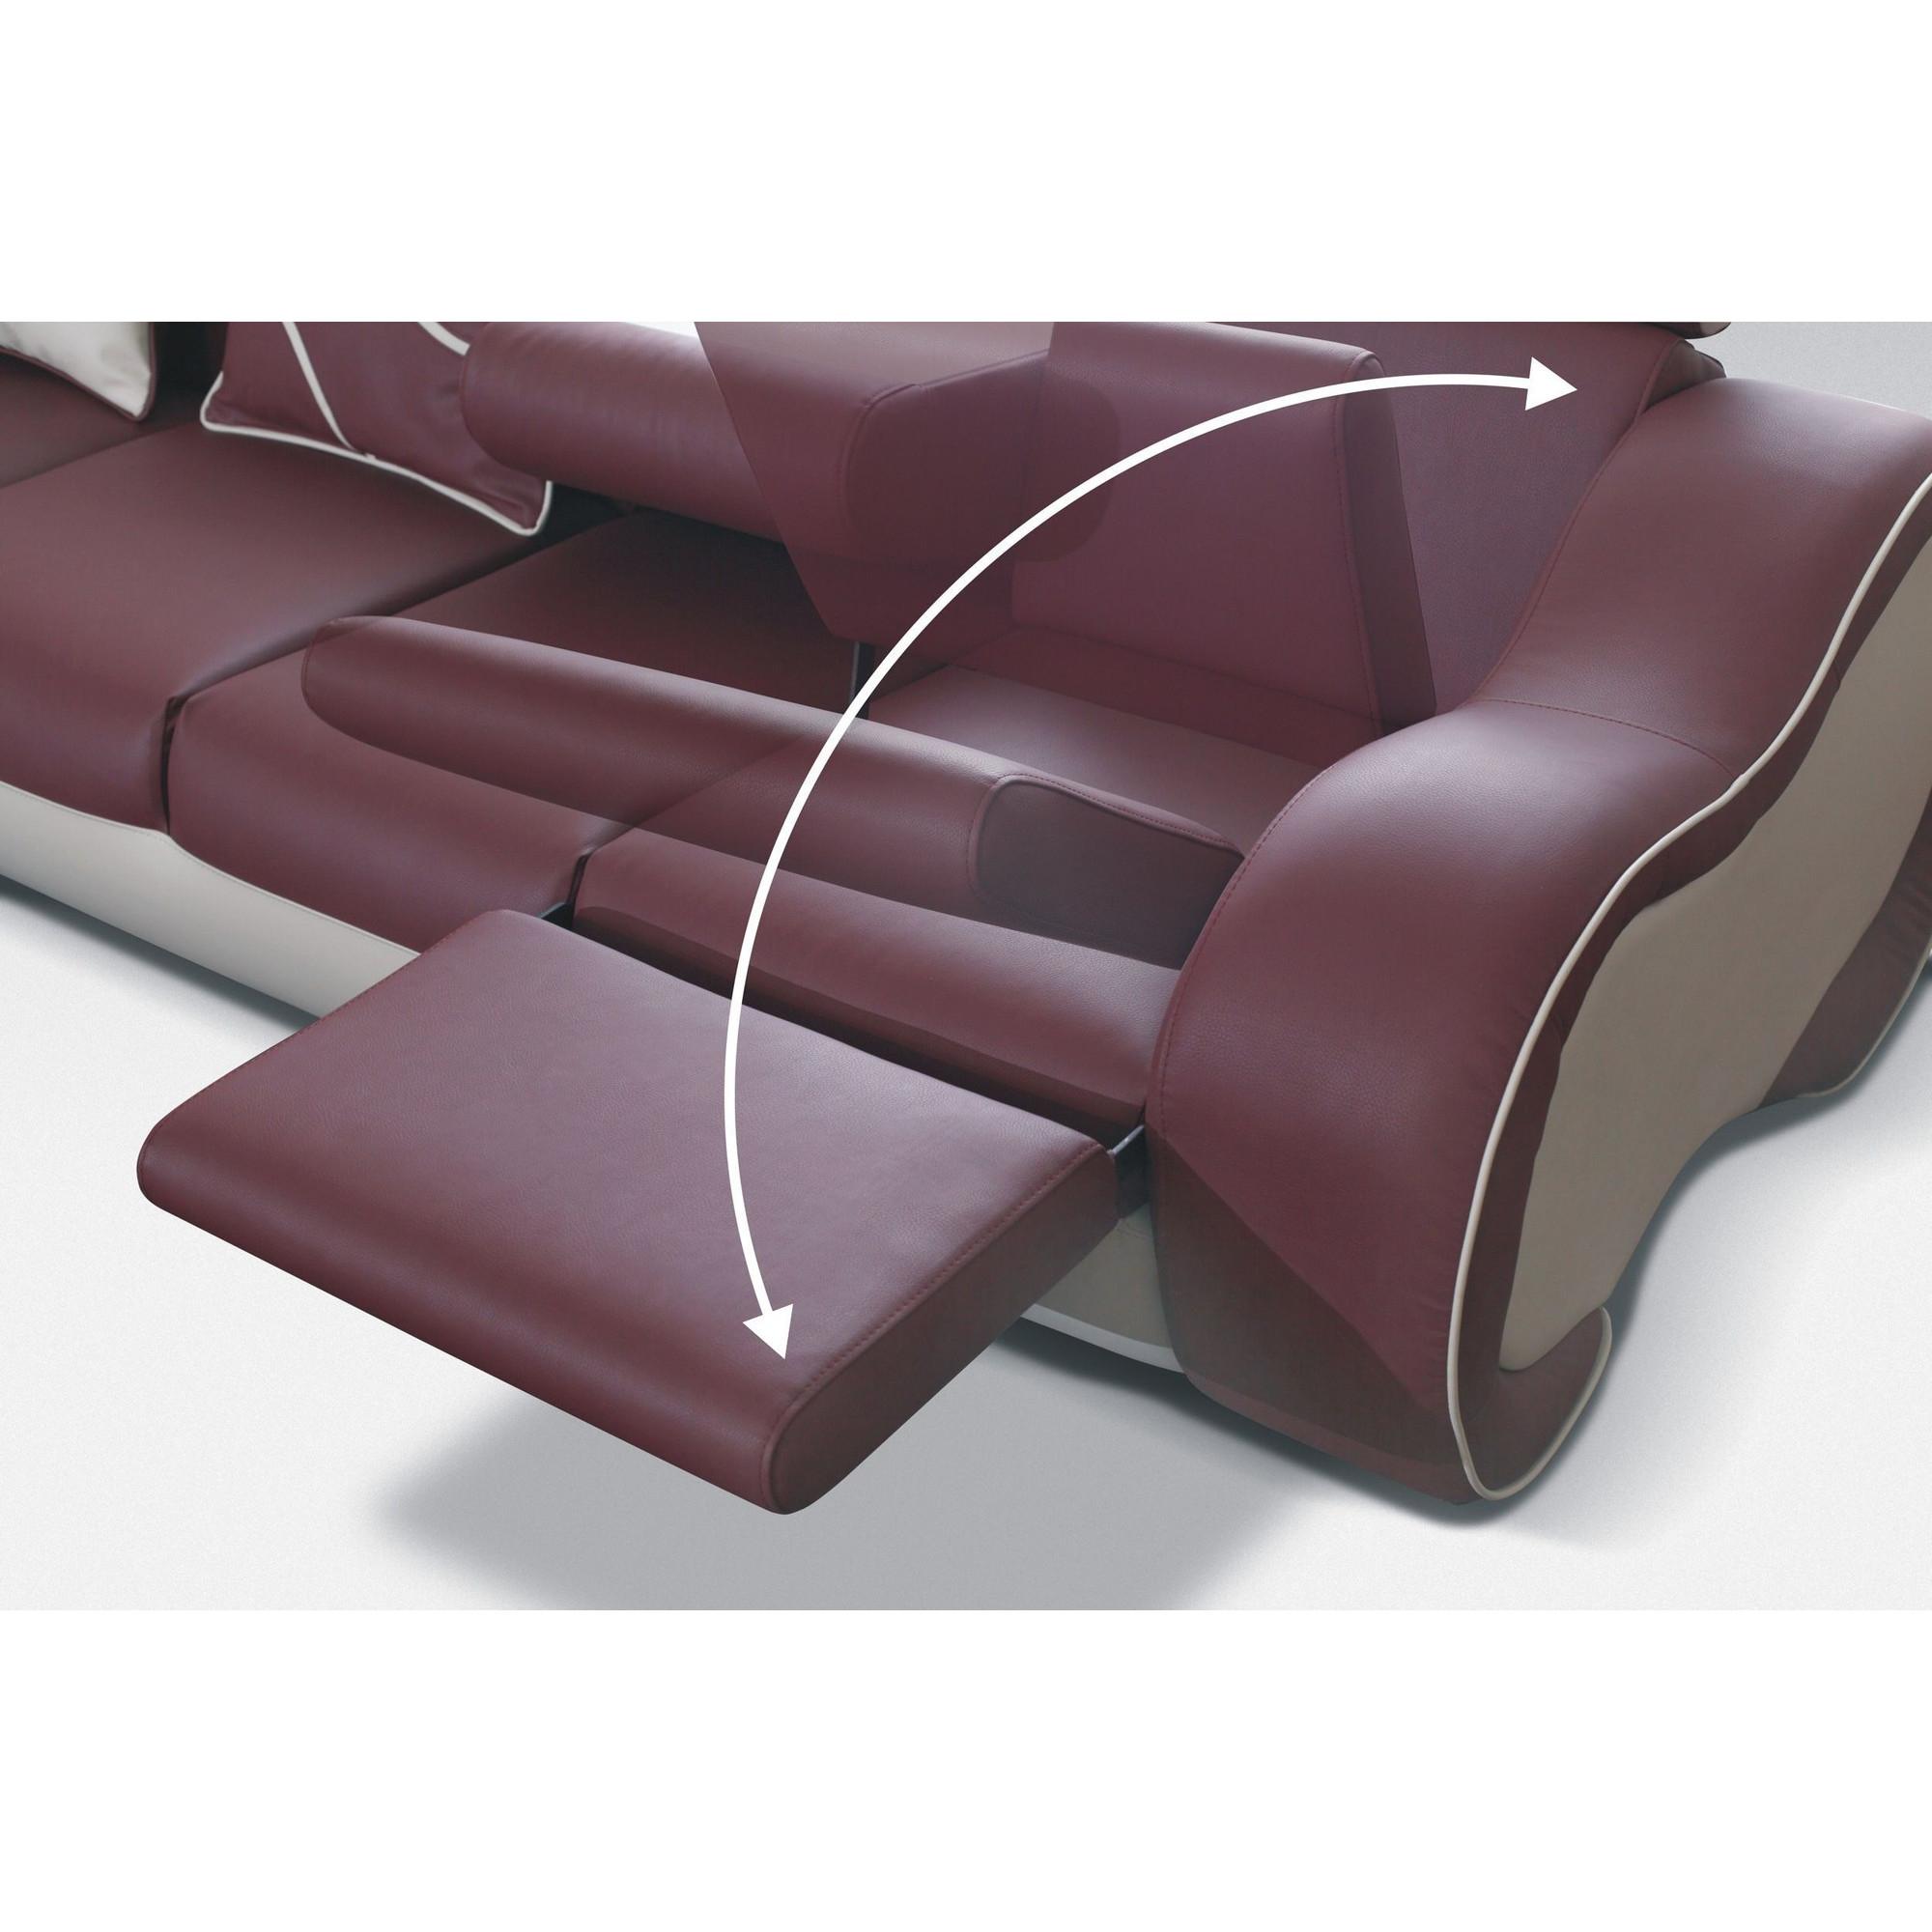 Canapé Meridienne Cuir Canapé D Angle Droit Design 5 Places Avec Petite